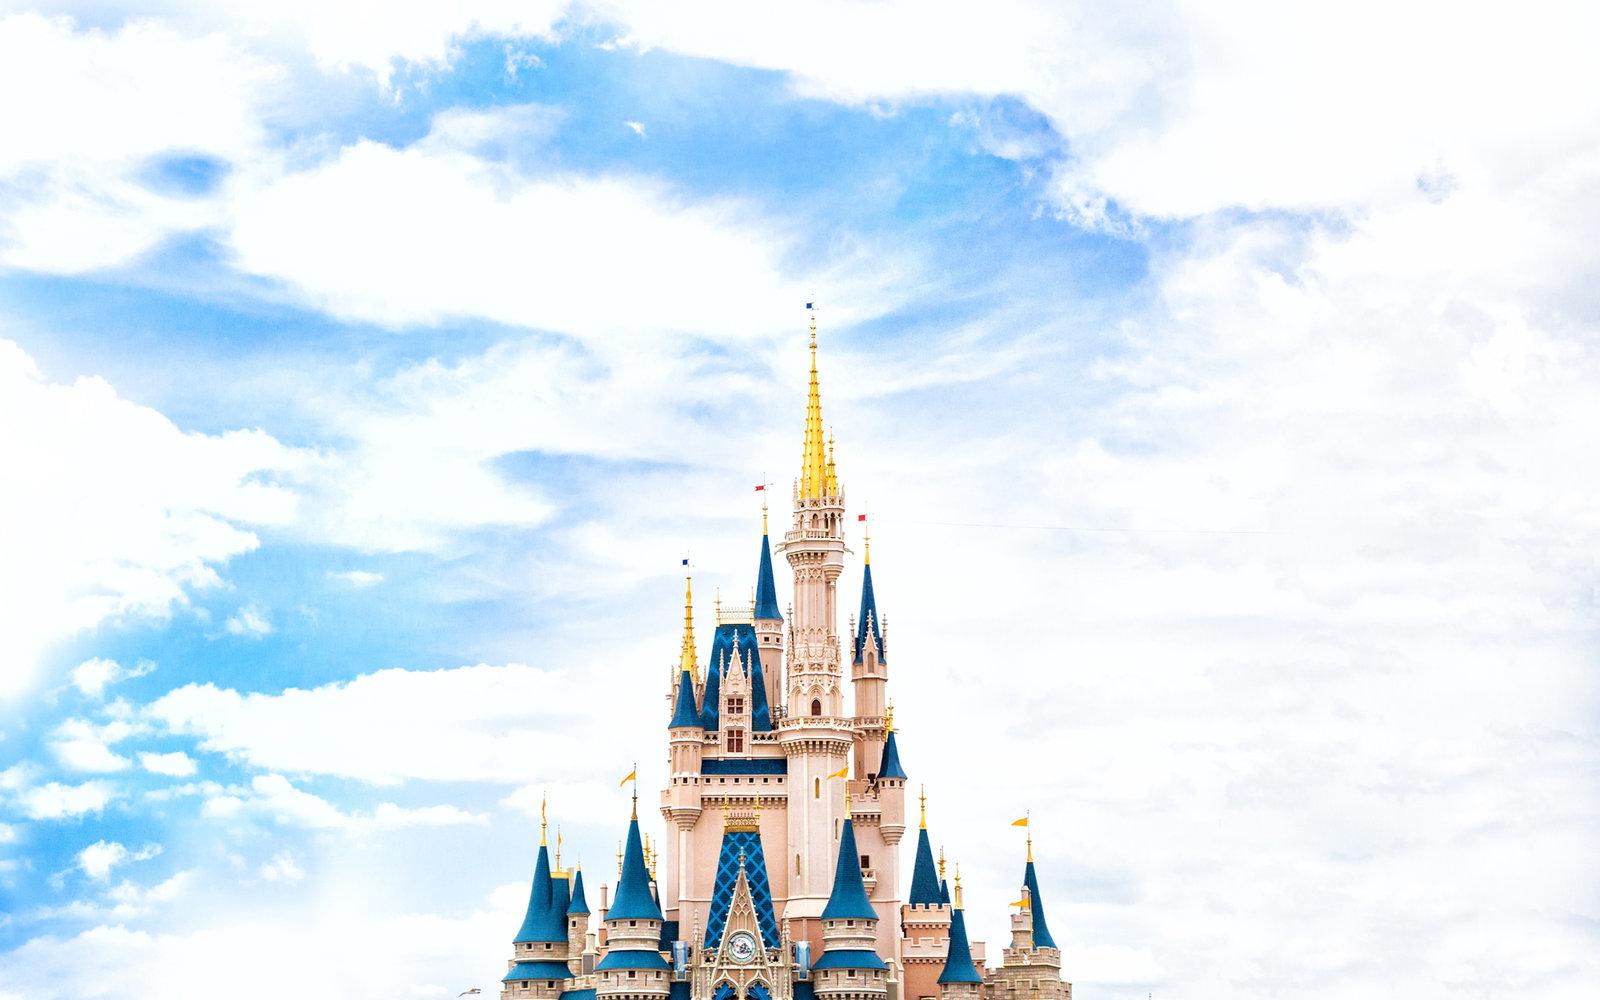 1600x1000 > Disney Wallpapers